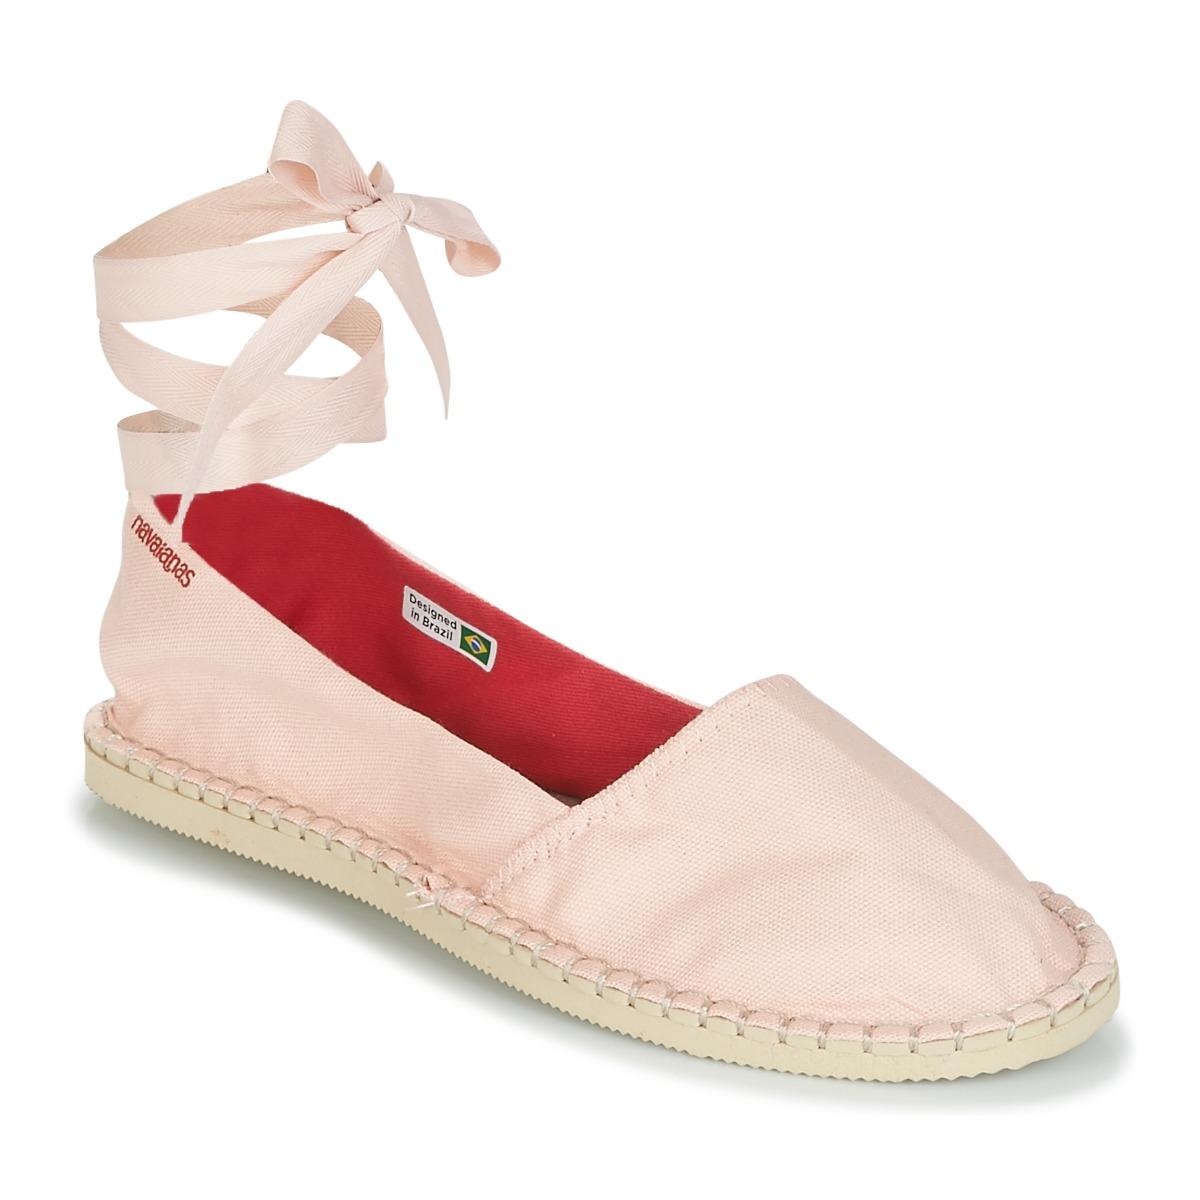 Havaianas ORIGINE SLIM Rose - Kostenloser Versand bei Spartoode ! - Schuhe Leinen-Pantoletten mit gefloch Damen 28,79 €